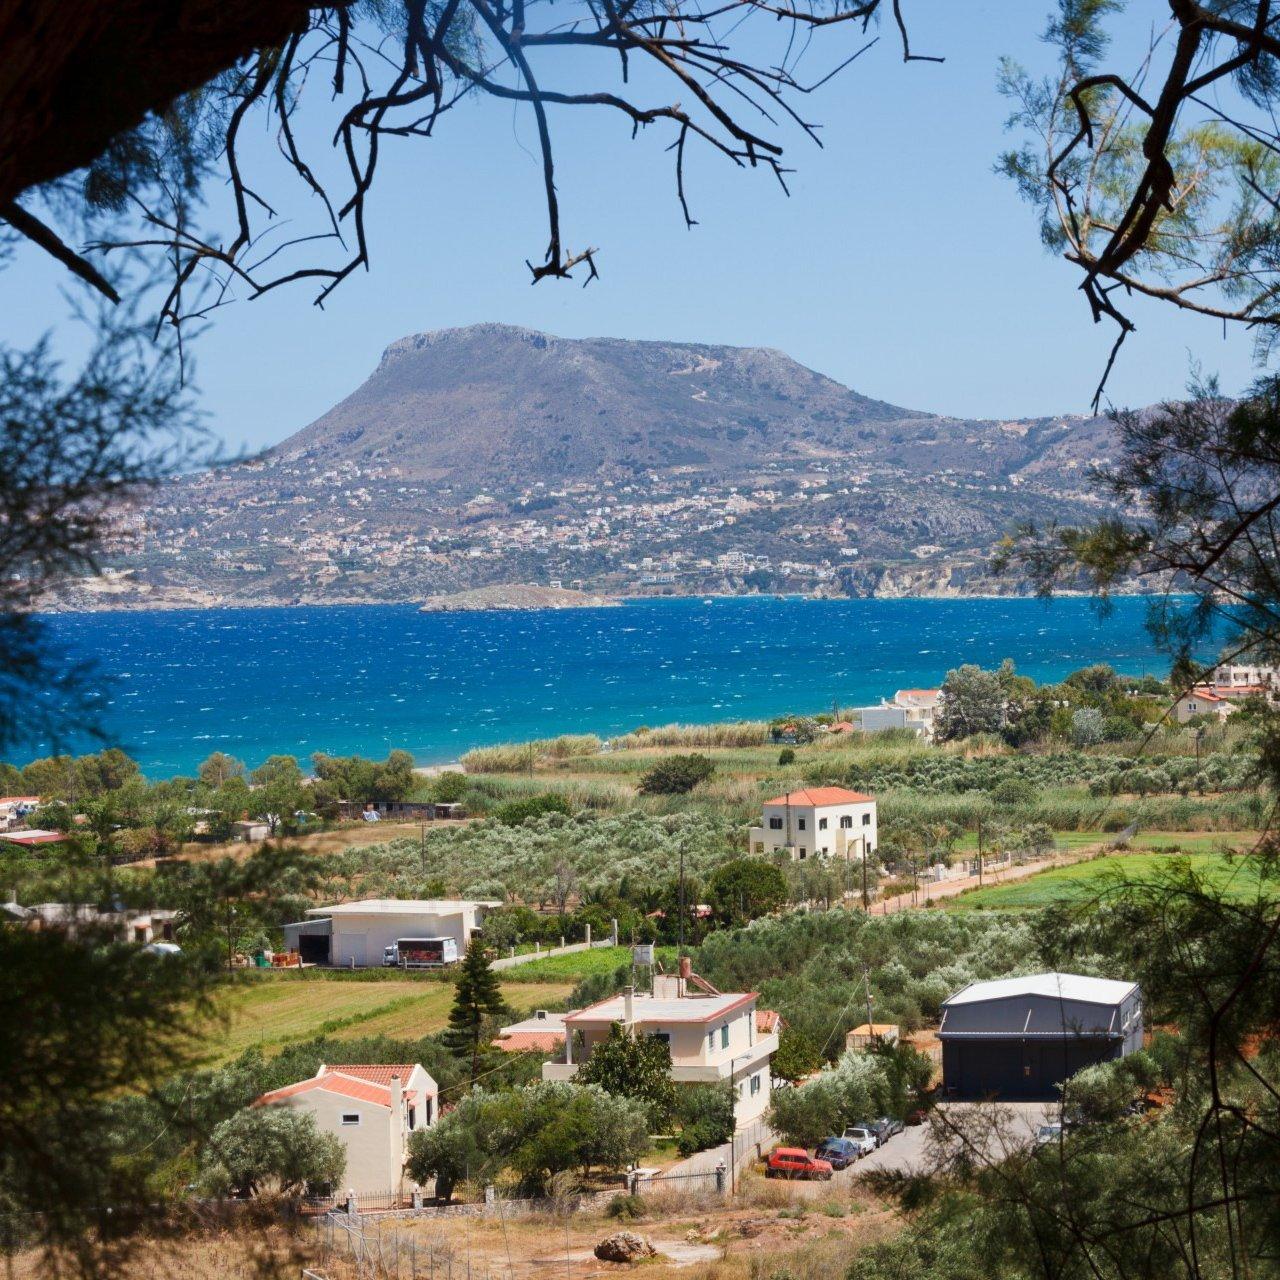 Beautiful landscape of Crete, Greece.